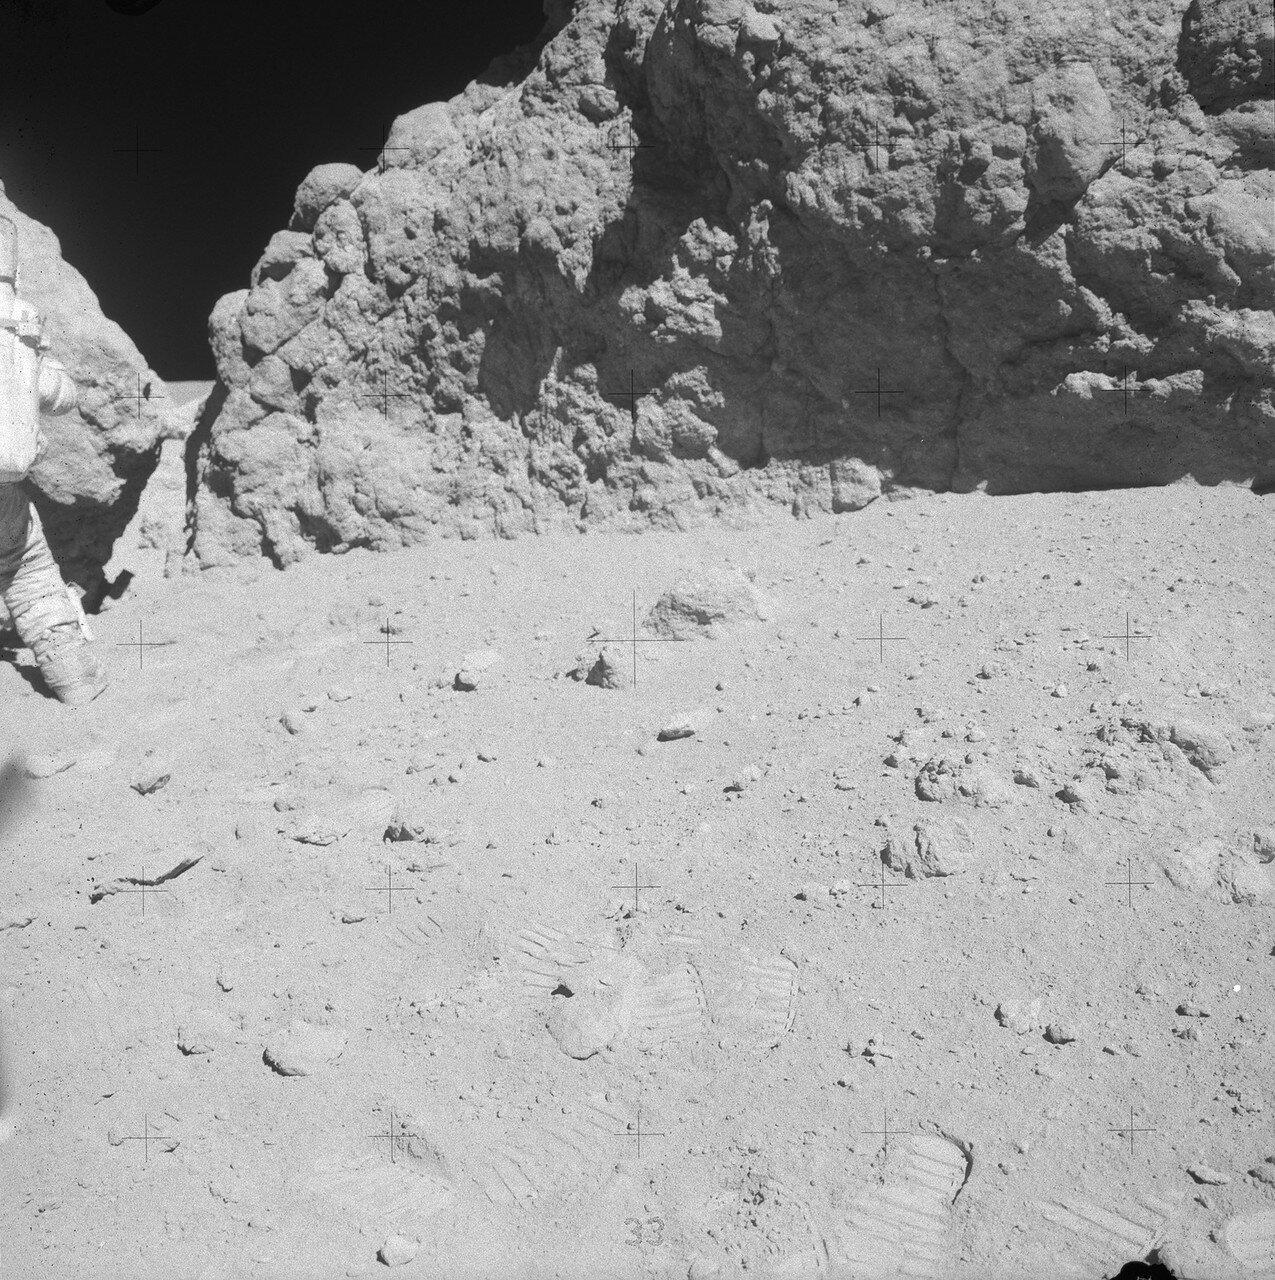 Хотя ЦУП решил продлить работу на Station 11, у астронавтов осталось всего 17 минут до отправления в обратный путь к лунному модулю, когда они дошли до скалы. Дьюк назвал её англ. House Rock. На снимке: Часть скалы House Rock (справа)